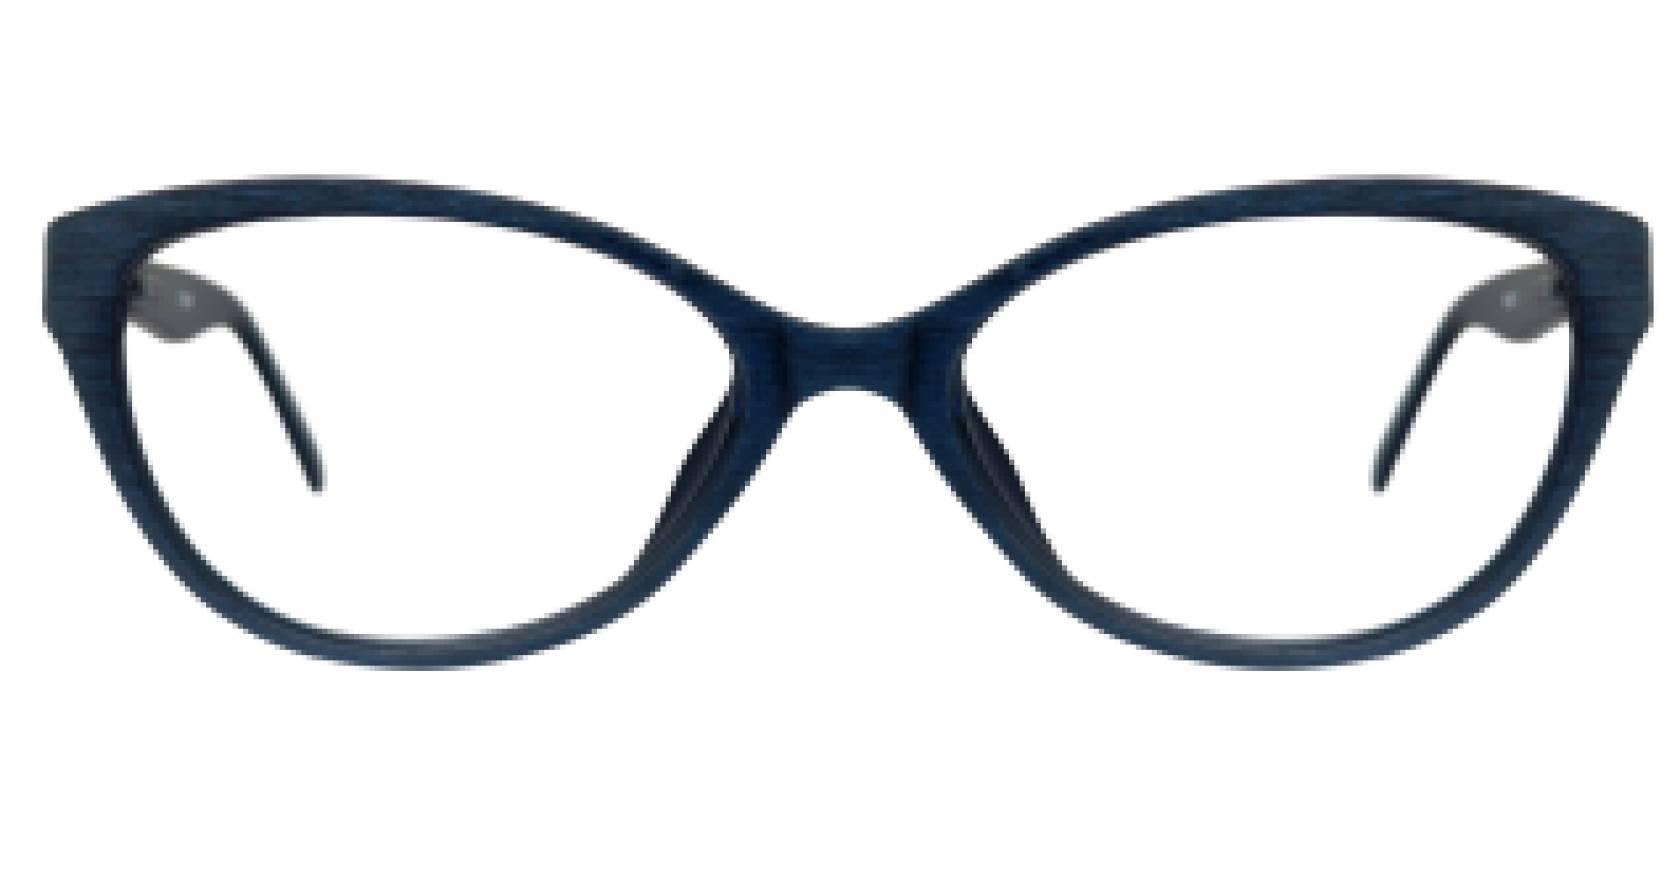 imagen miniatura frontal de la referencia 100808